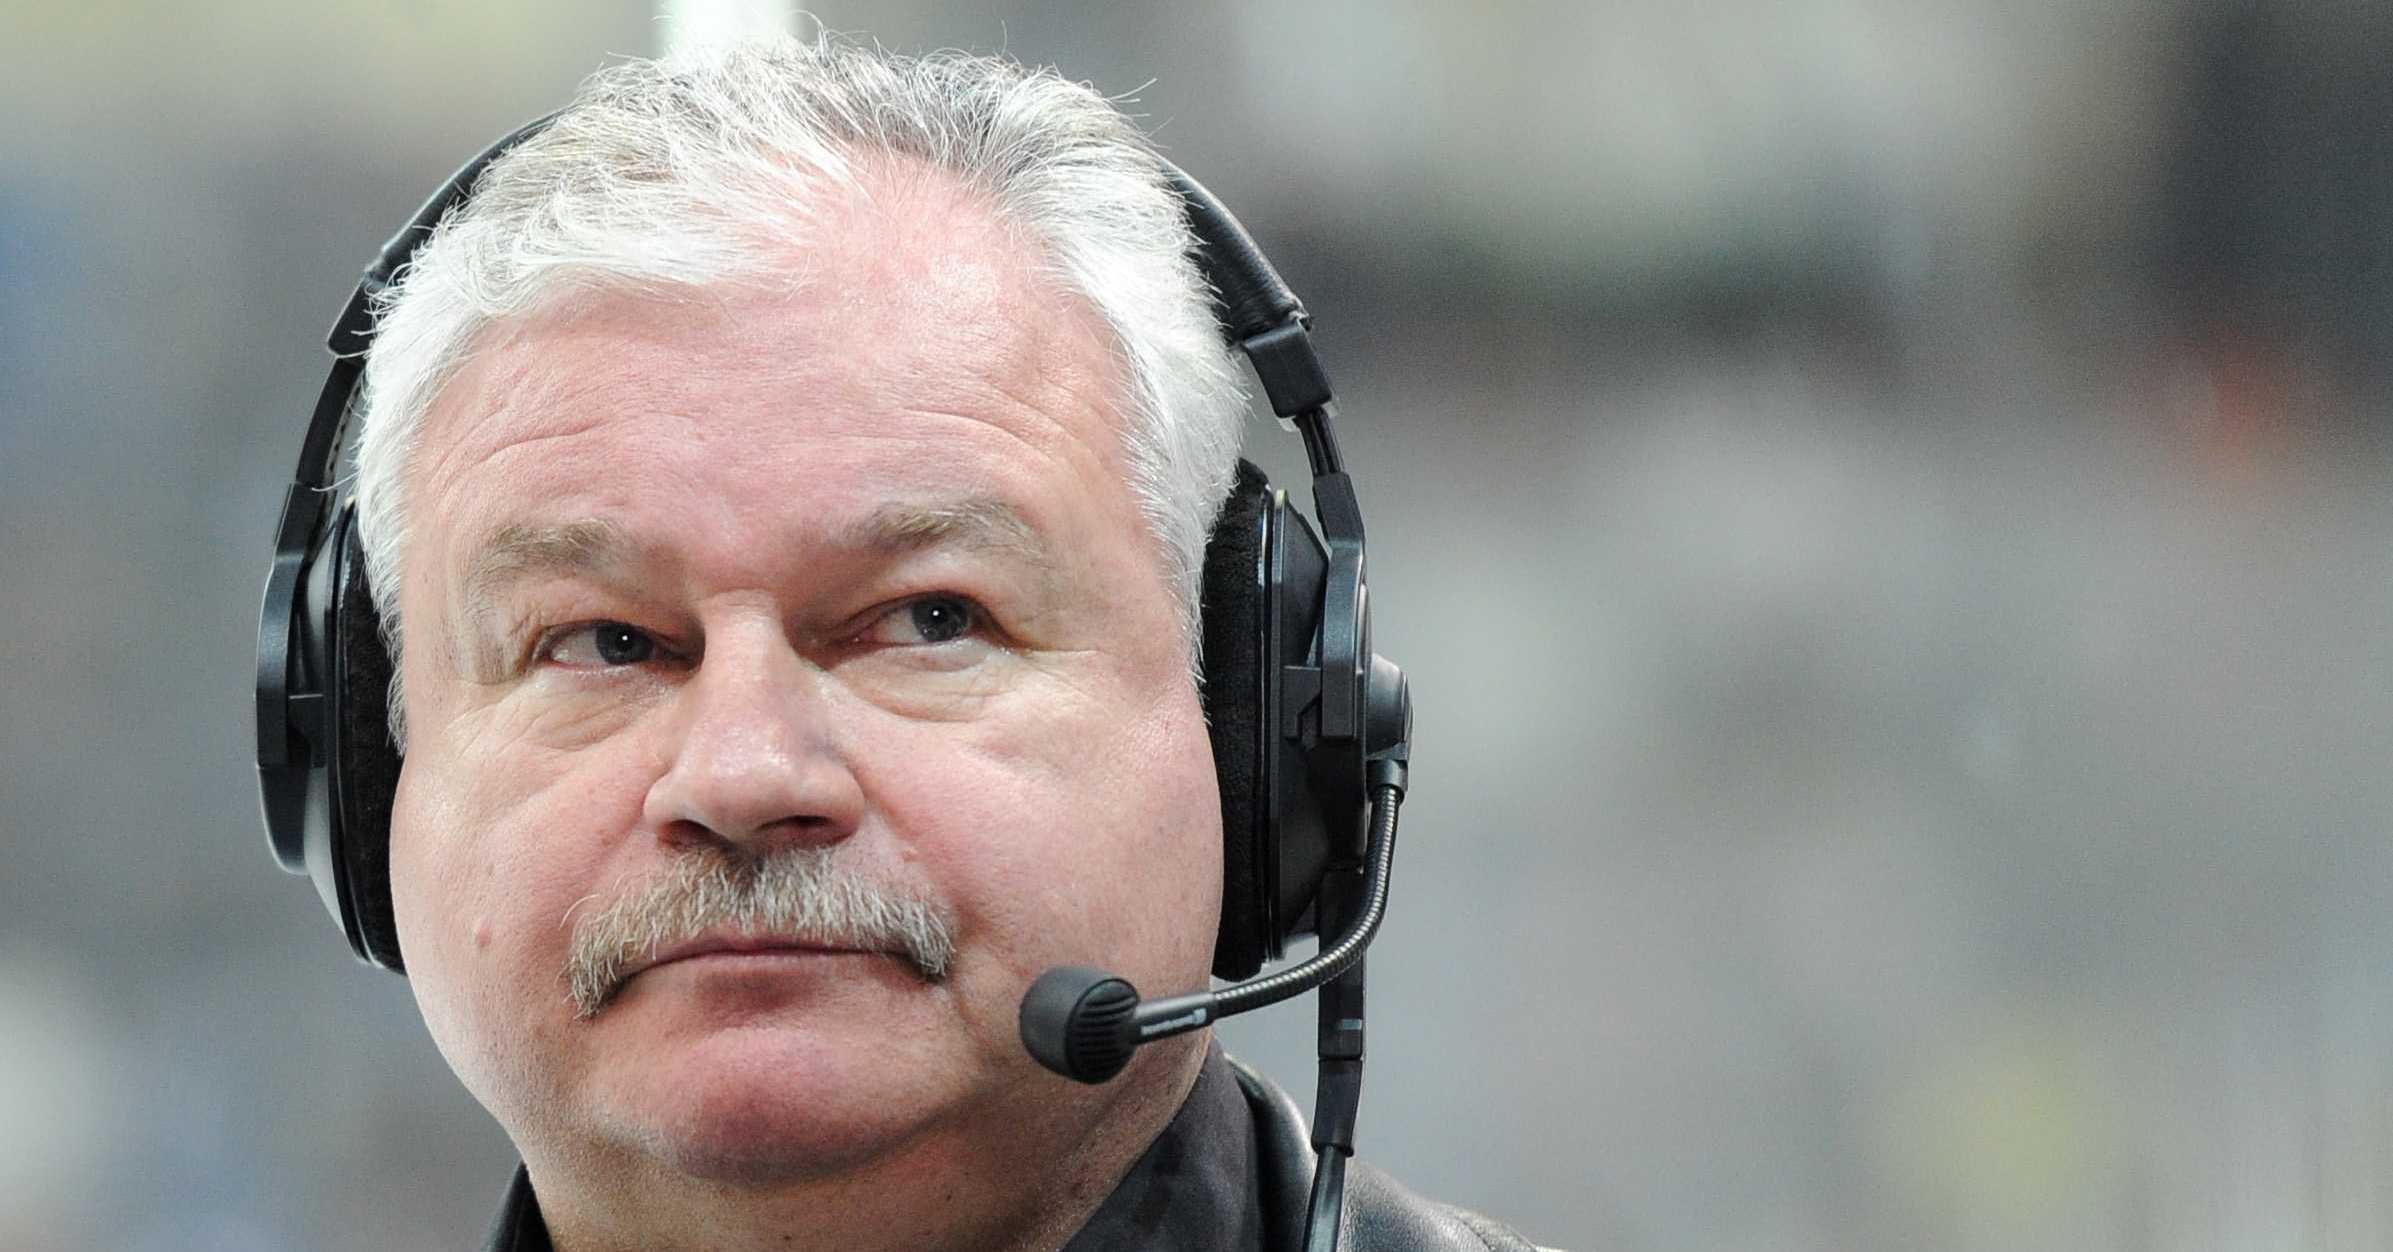 Владимир Плющев: КХЛ нужно принять конкретное решение, чтобы люди не были «петрушками» - фото